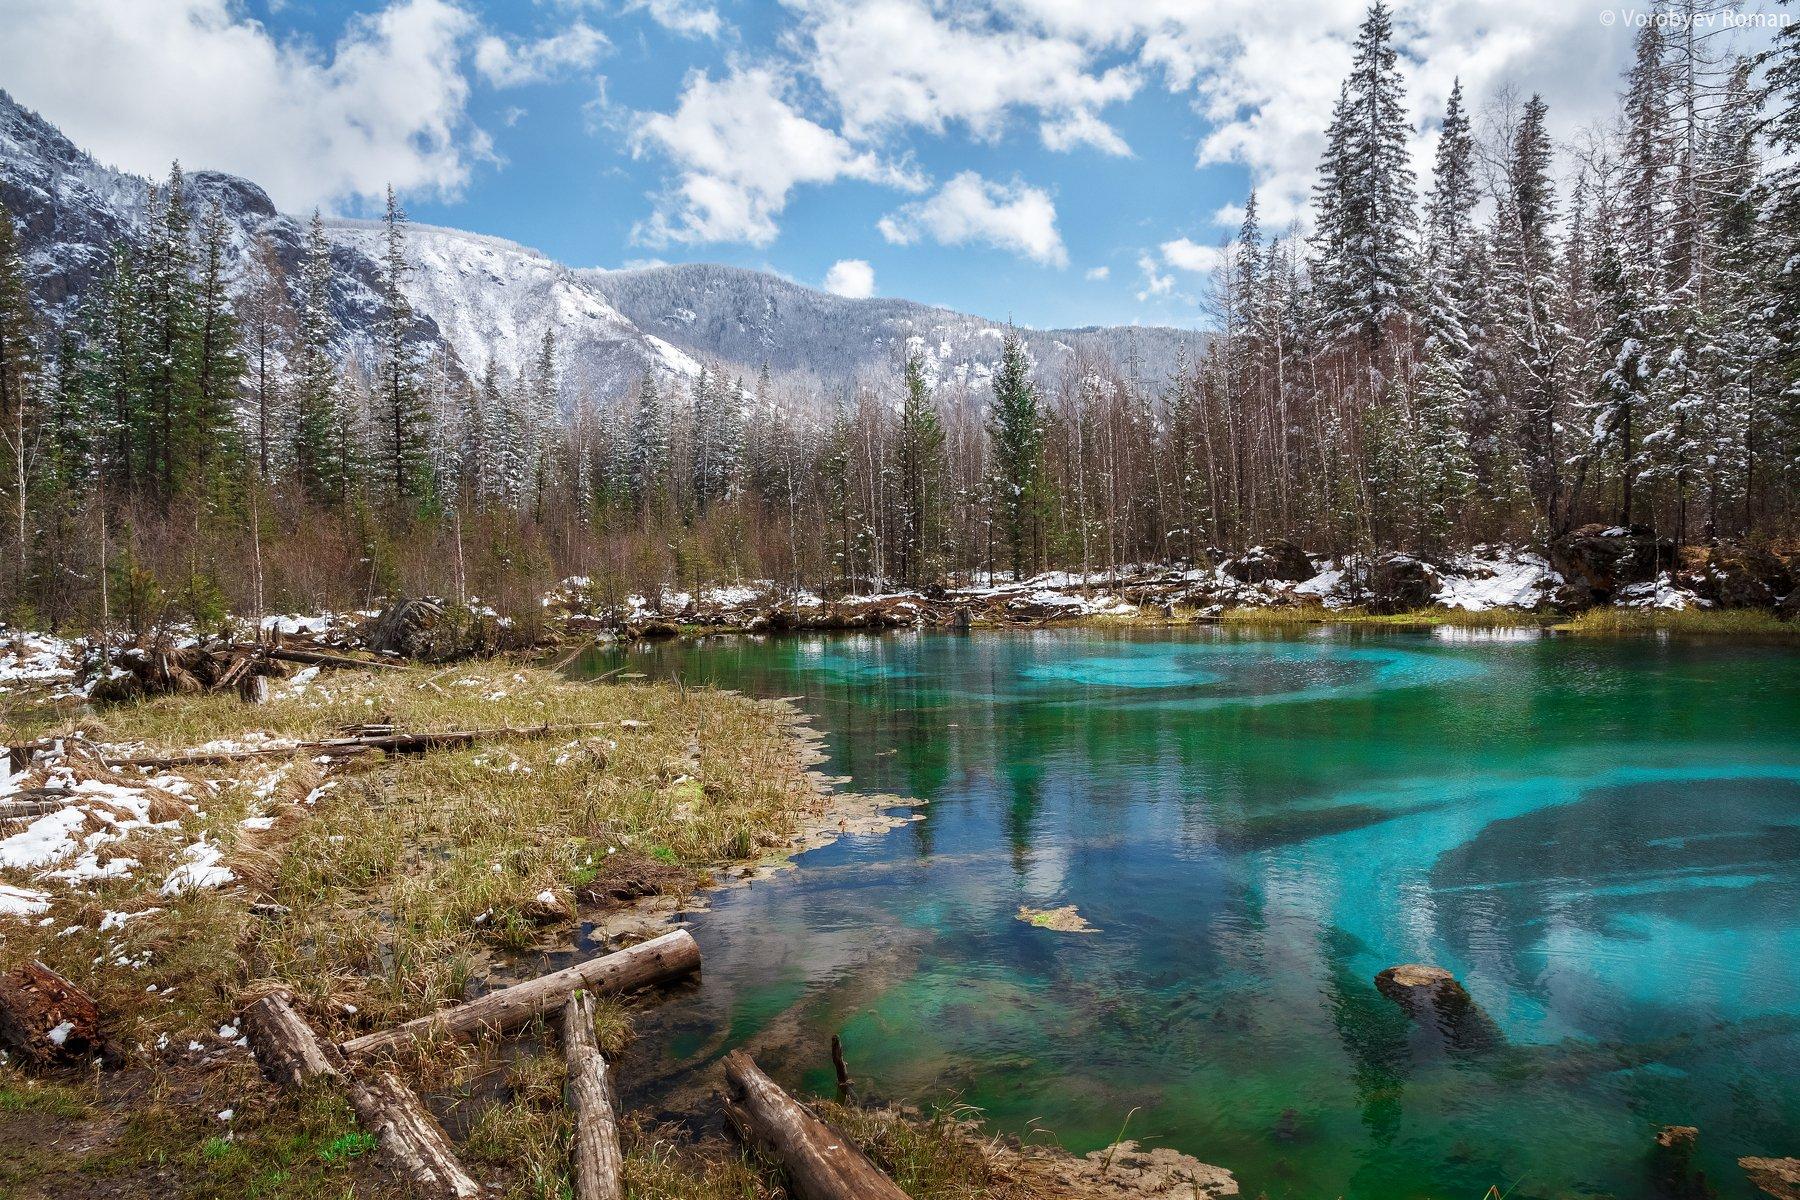 алтай, весна, горное озеро, горный алтай, май, озеро, пейзаж , горы ,, Roman Vorobyev